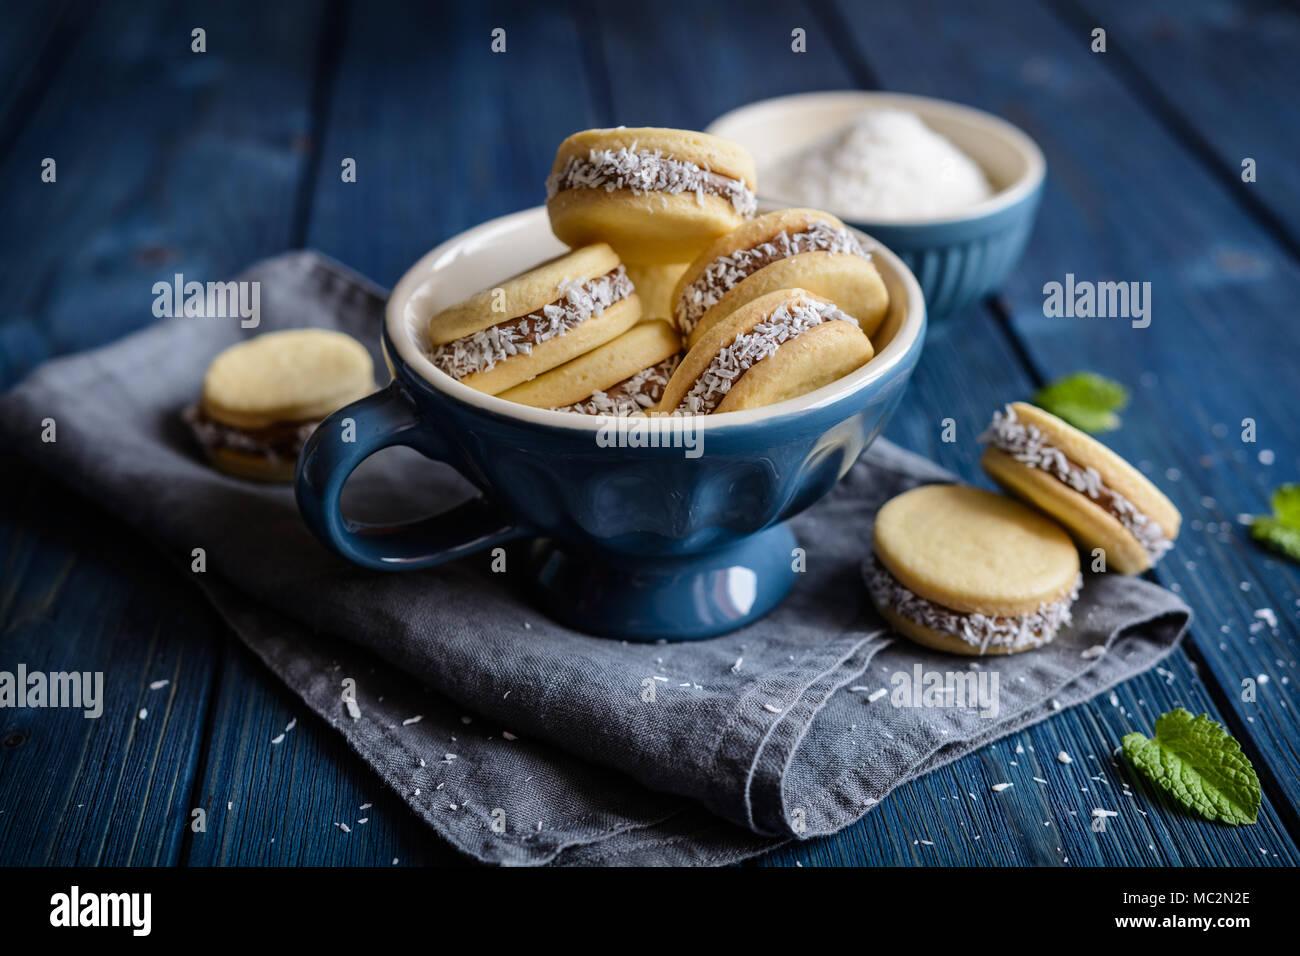 Alfajores - tradizionale panino cookie riempito di latte caramellato e noce di cocco Immagini Stock